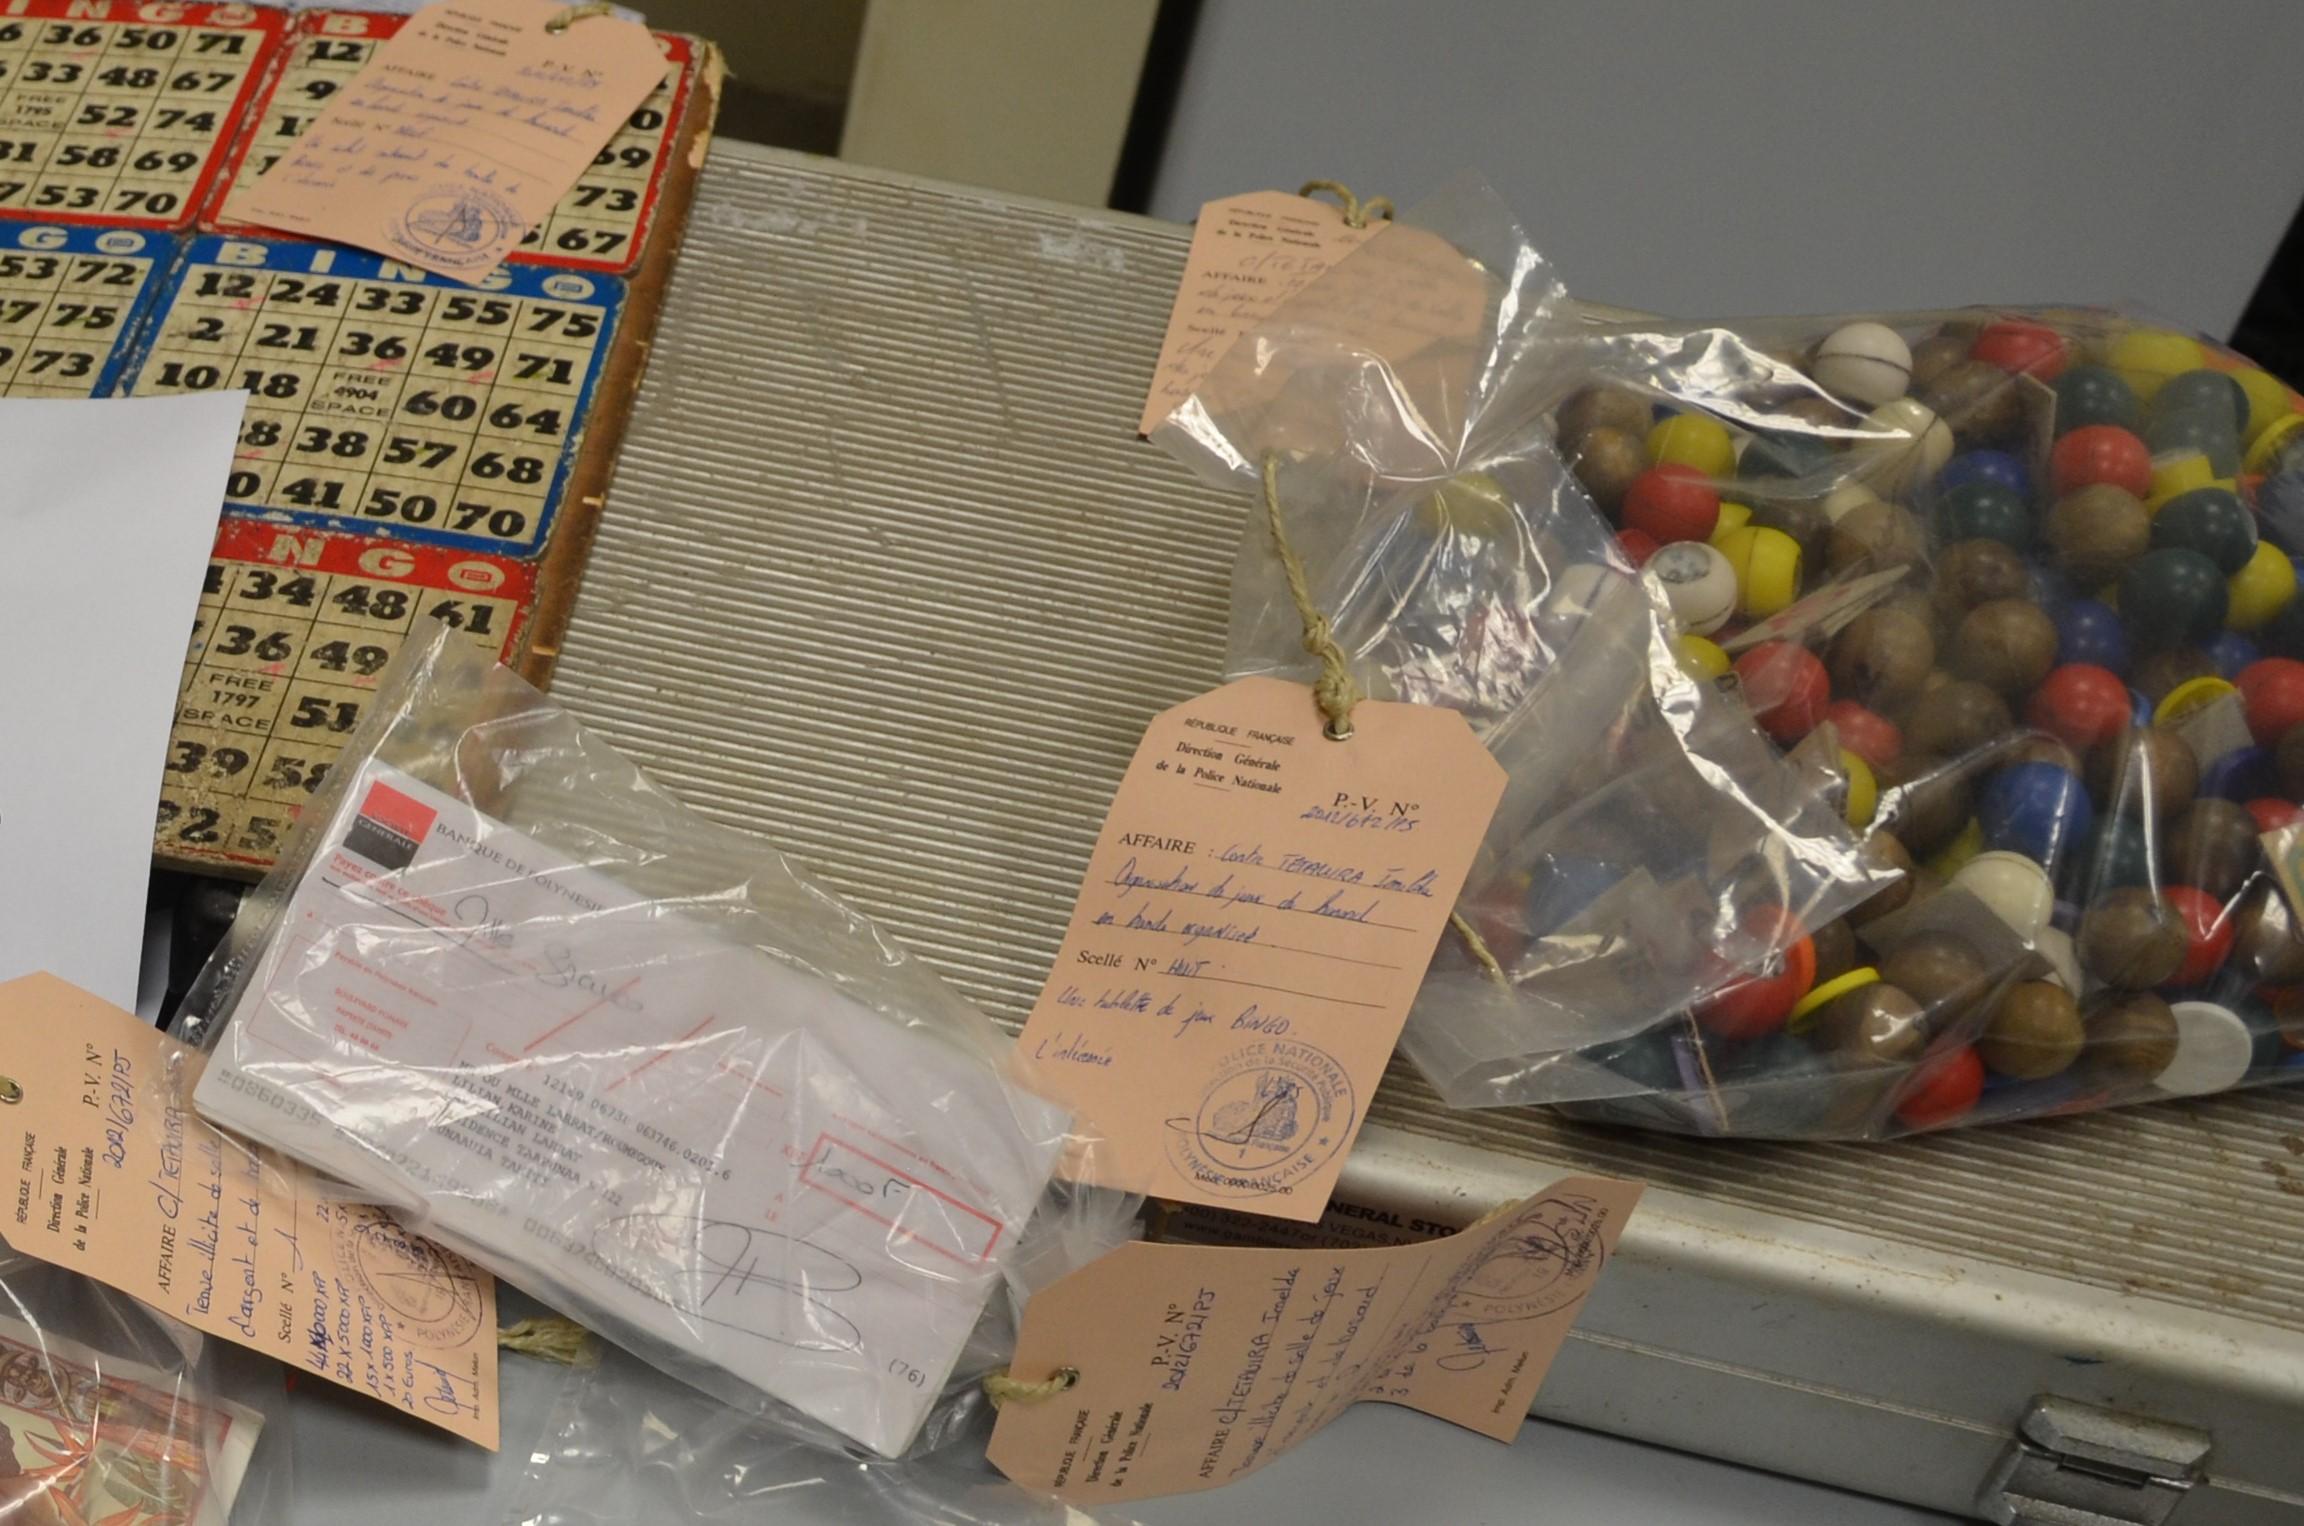 """Le projet de loi définissant les modalités d'organisation des loteries dénommées """"Bingo"""" prévoit l'instauration de 5 % de taxes sur le capital émis des loteries de bingo."""